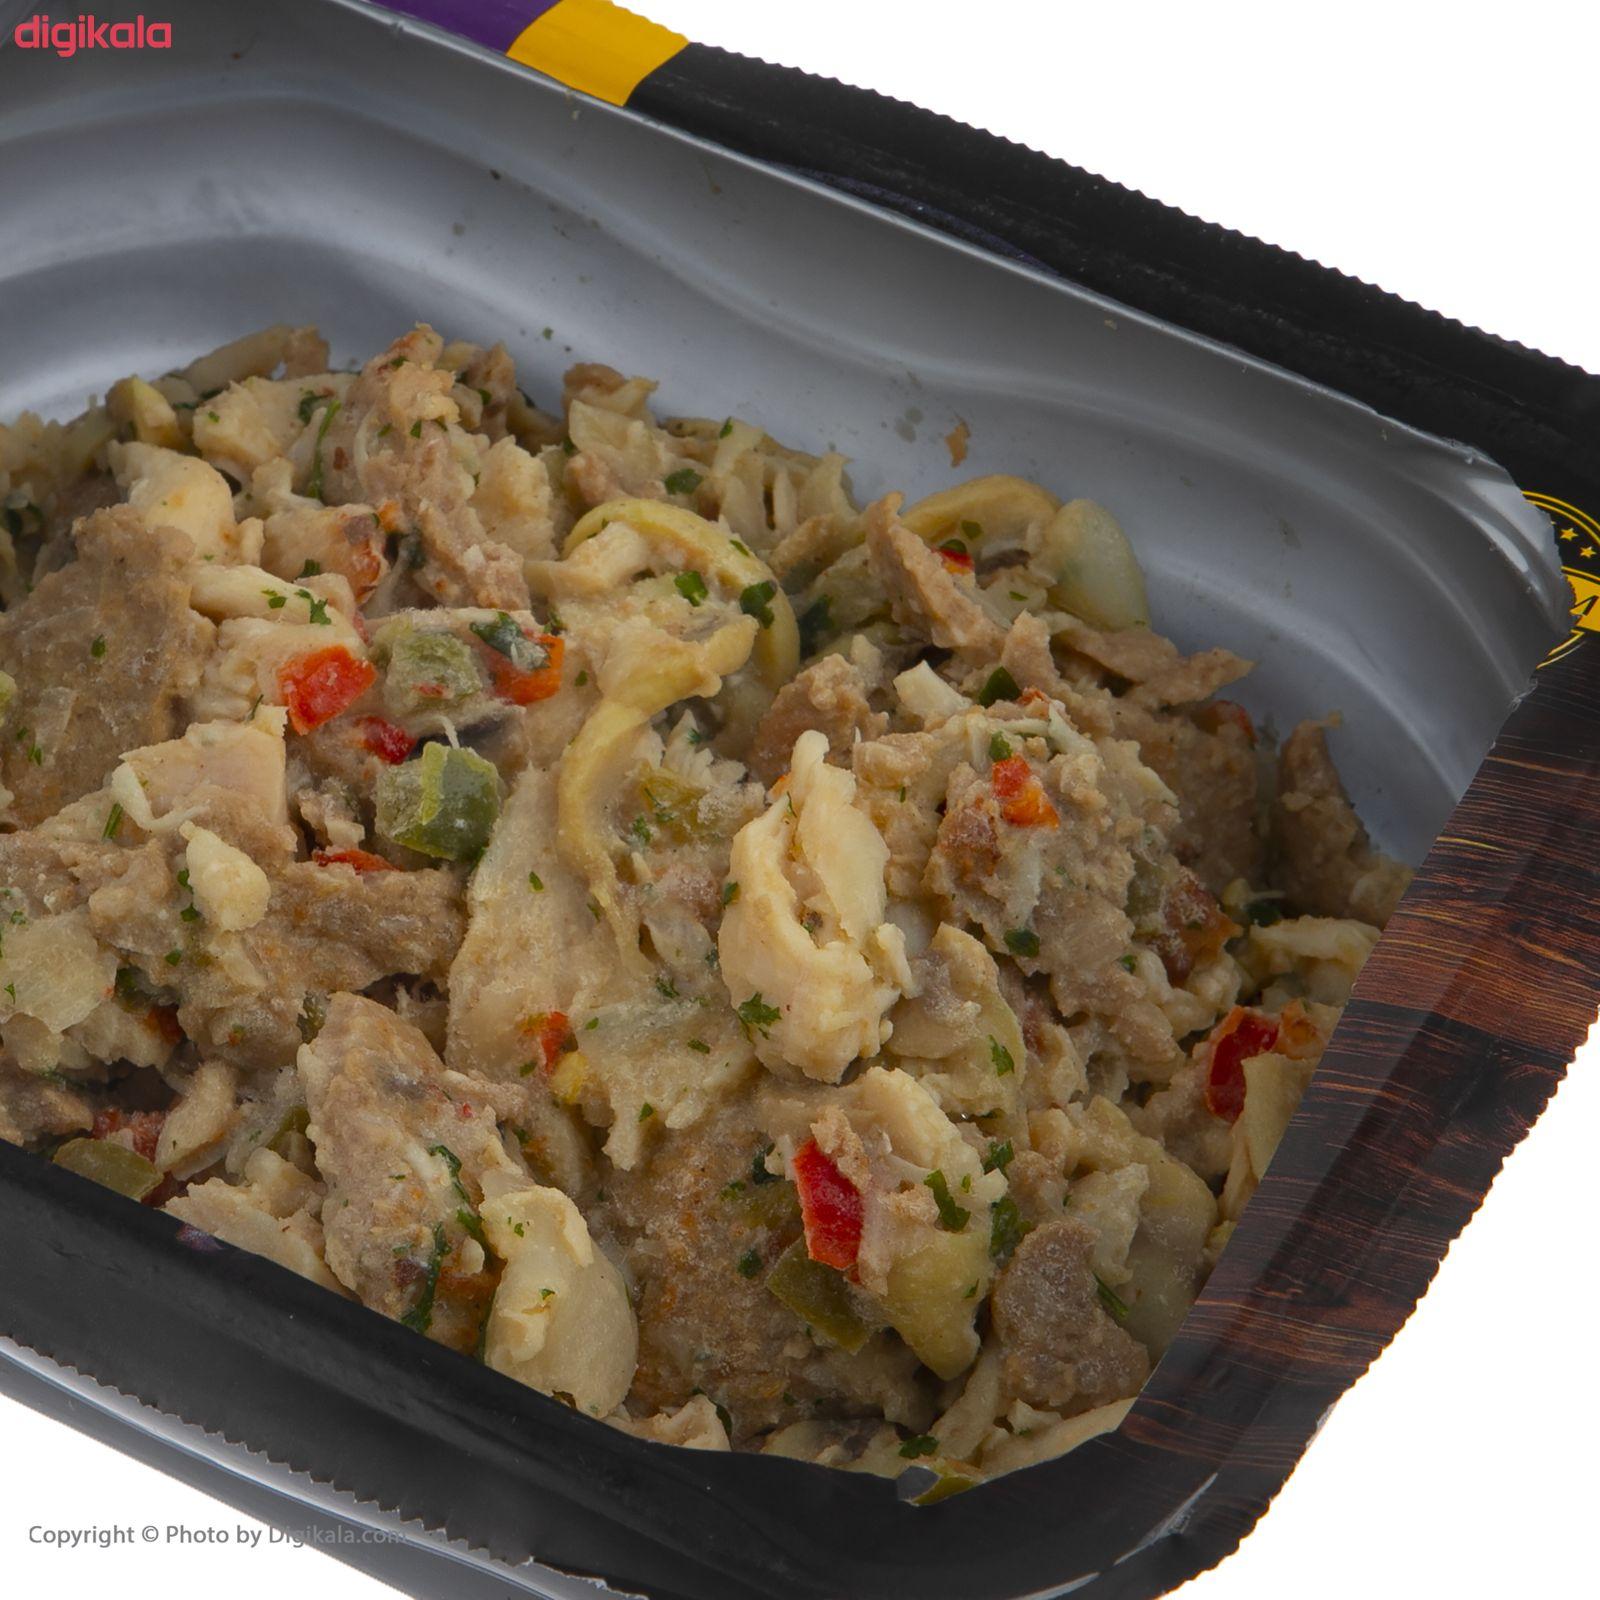 جوجه کباب ترکی گوشت و مرغ پمینا مقدار 400 گرم main 1 3